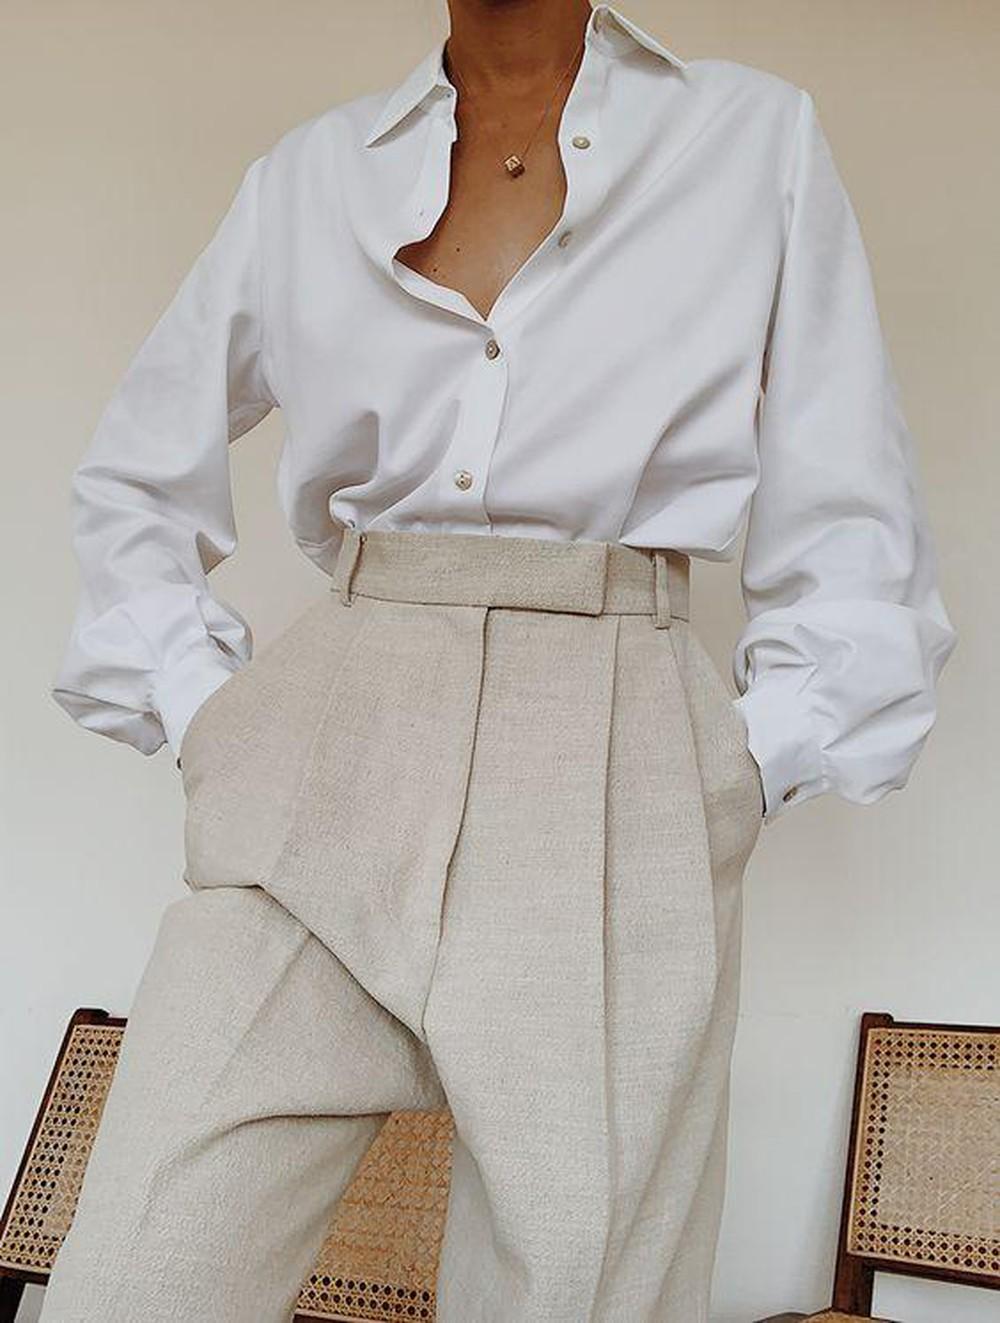 3 kiểu quần vải che giấu mọi nhược điểm vóc dáng, hội đùi to, chân cong phải ghim ngay còn sắm dần - Ảnh 22.